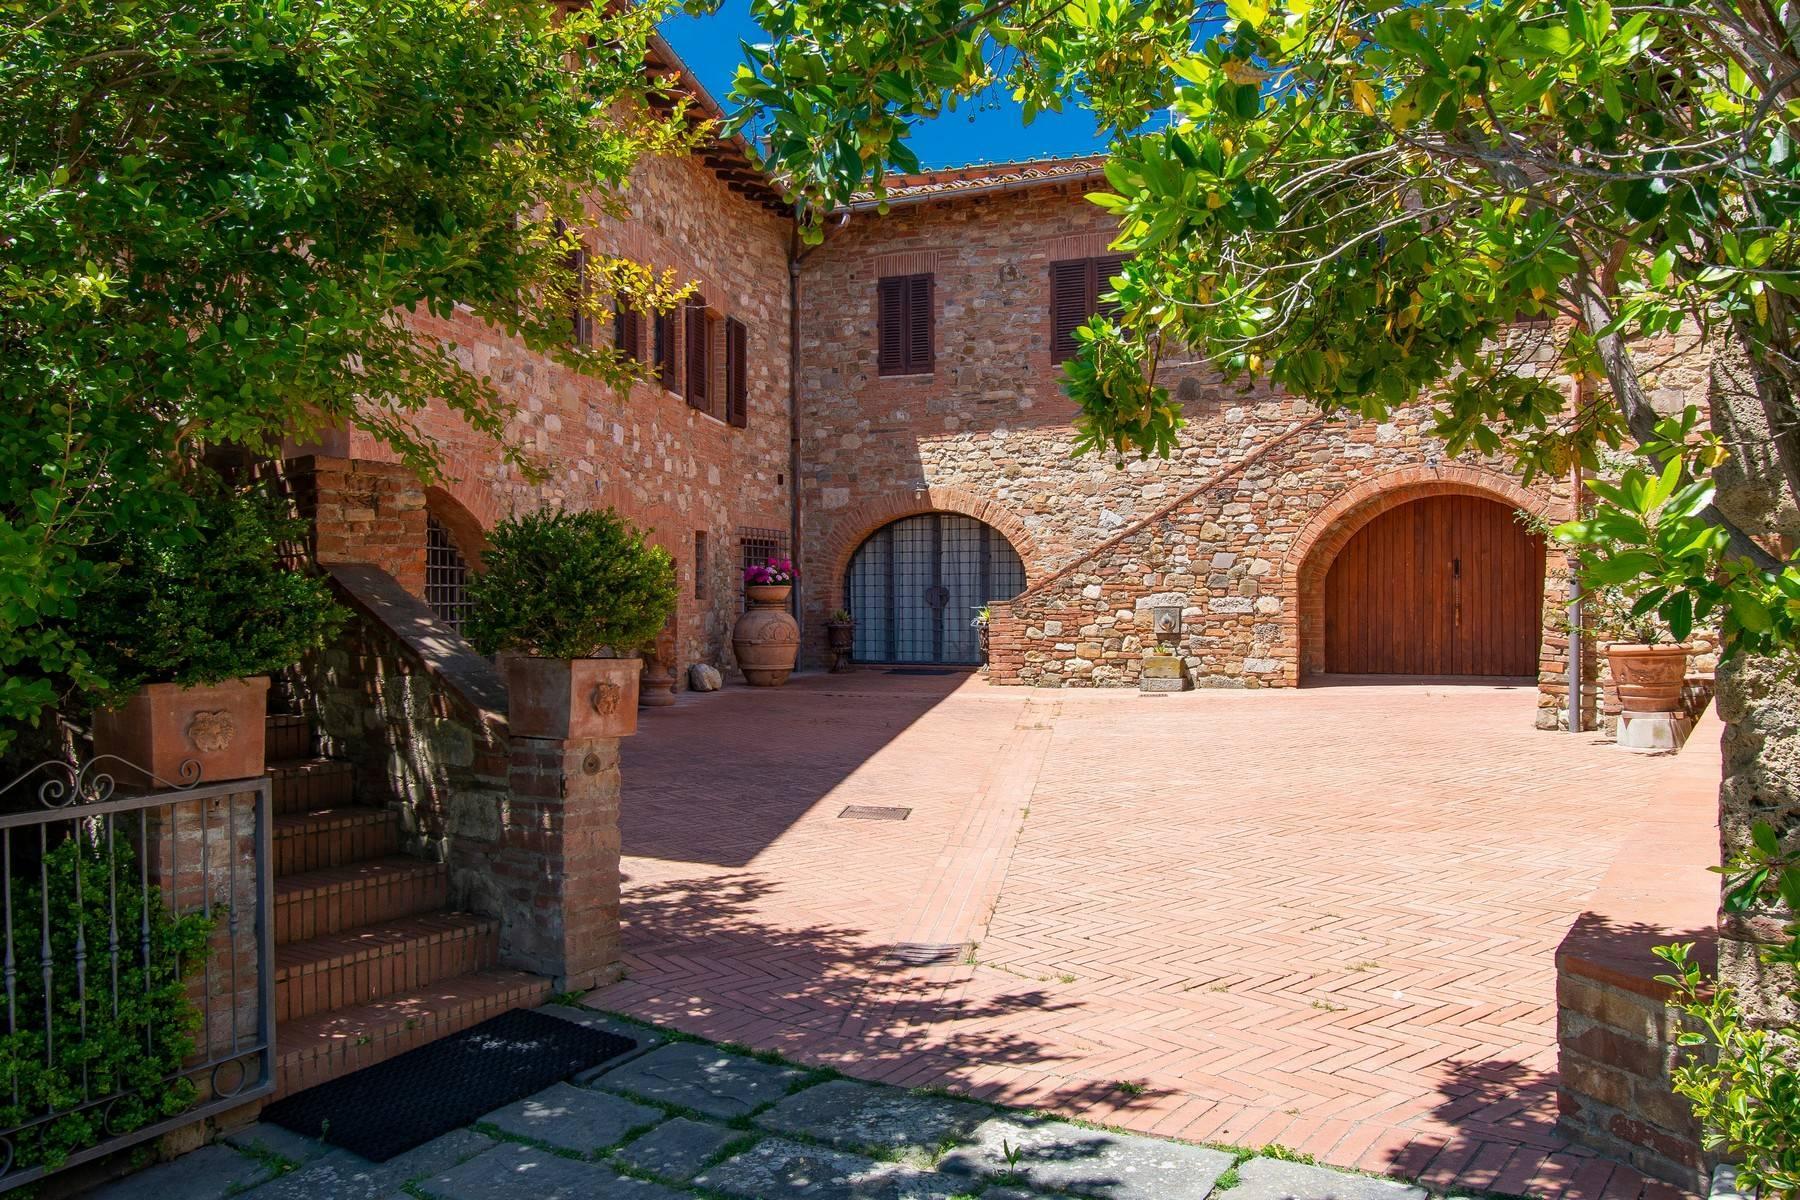 Esclusive wine estate in the heart of Chianti classico - 36